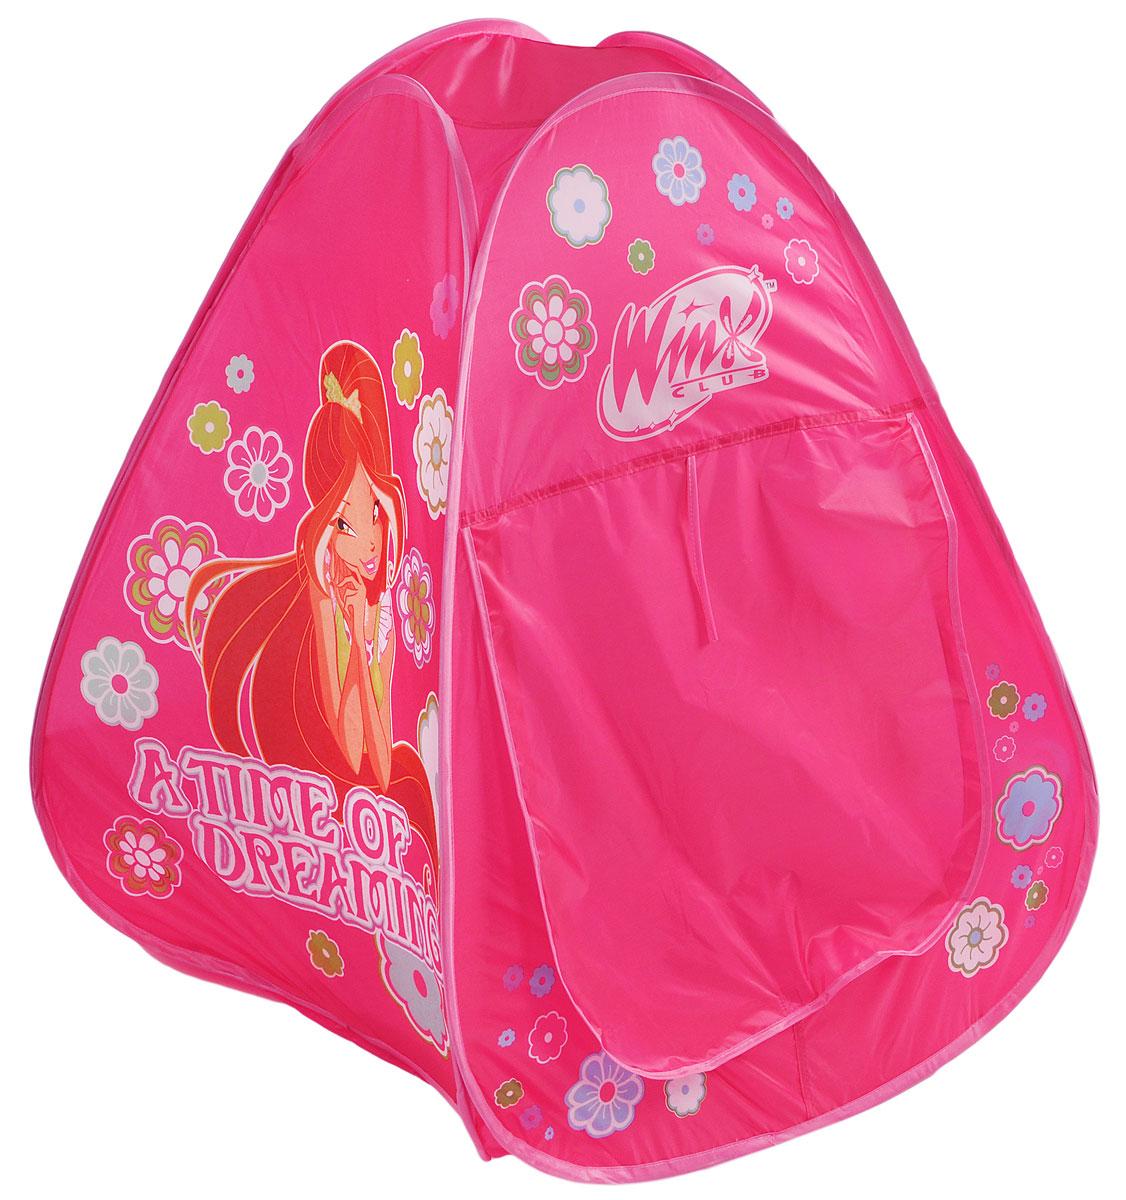 1TOY Детская игровая палатка Winx Club 75 х 70 х 70 см